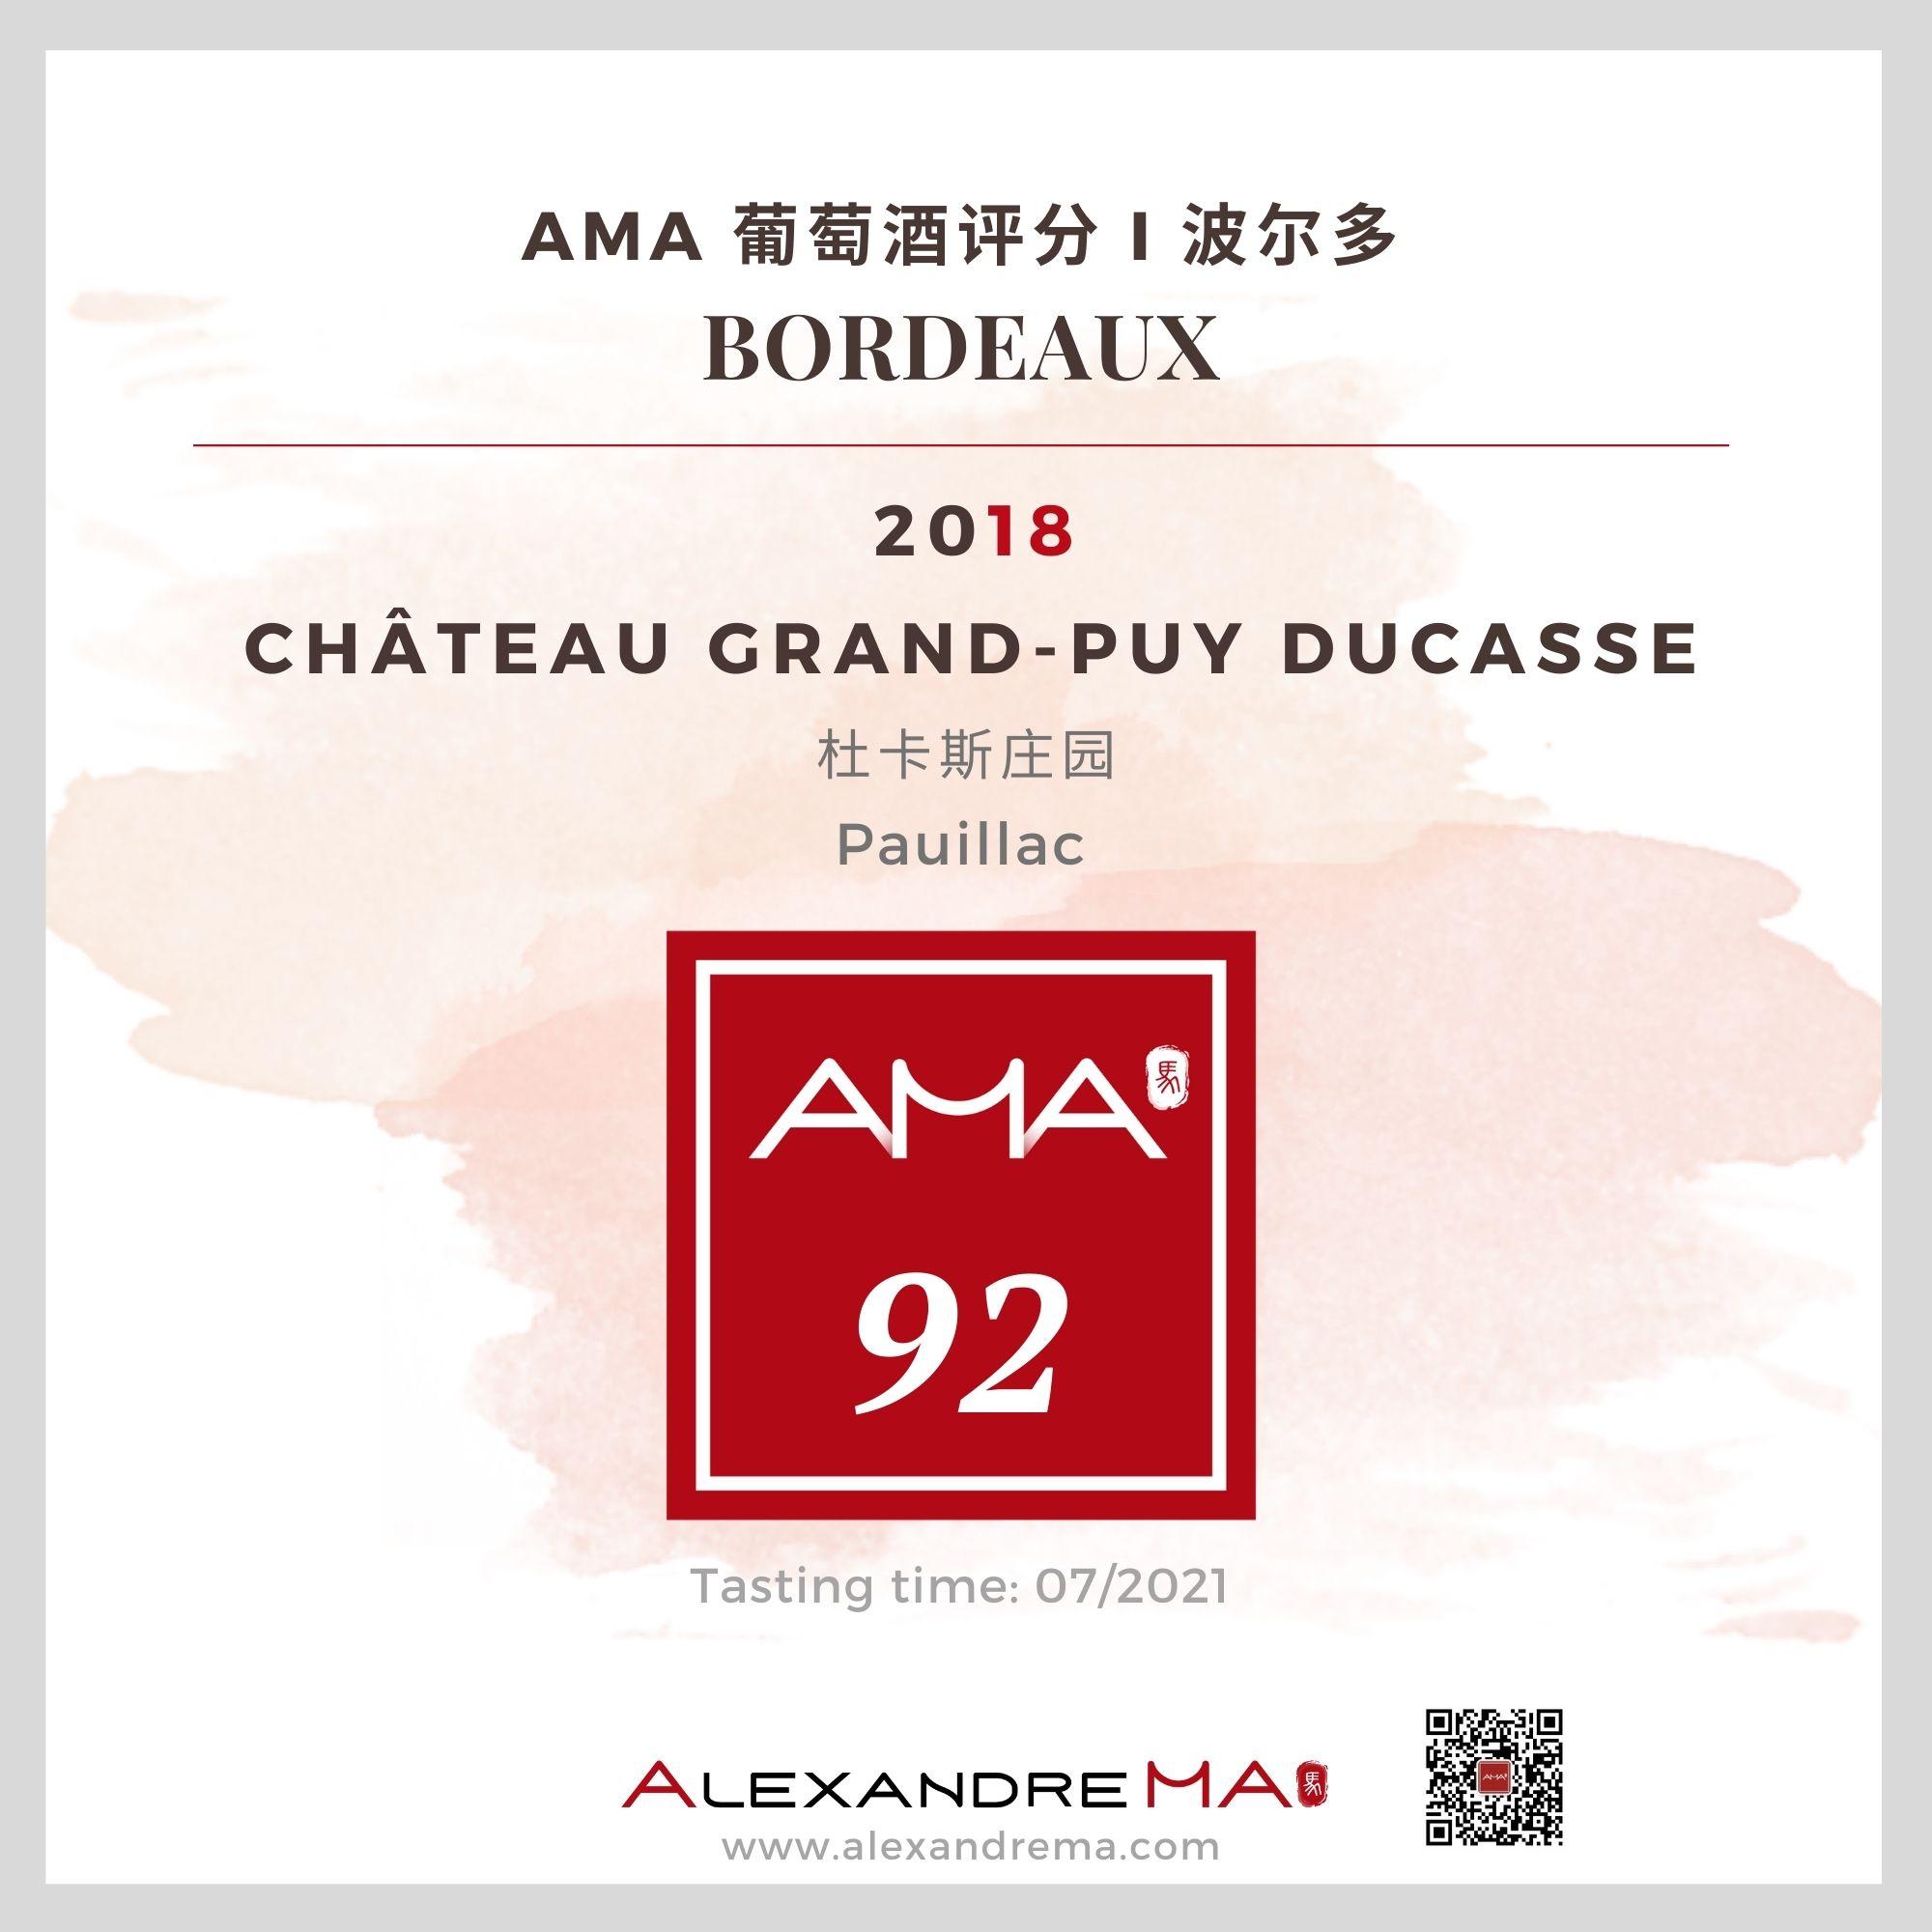 Château Grand-Puy Ducasse 2018 - Alexandre MA